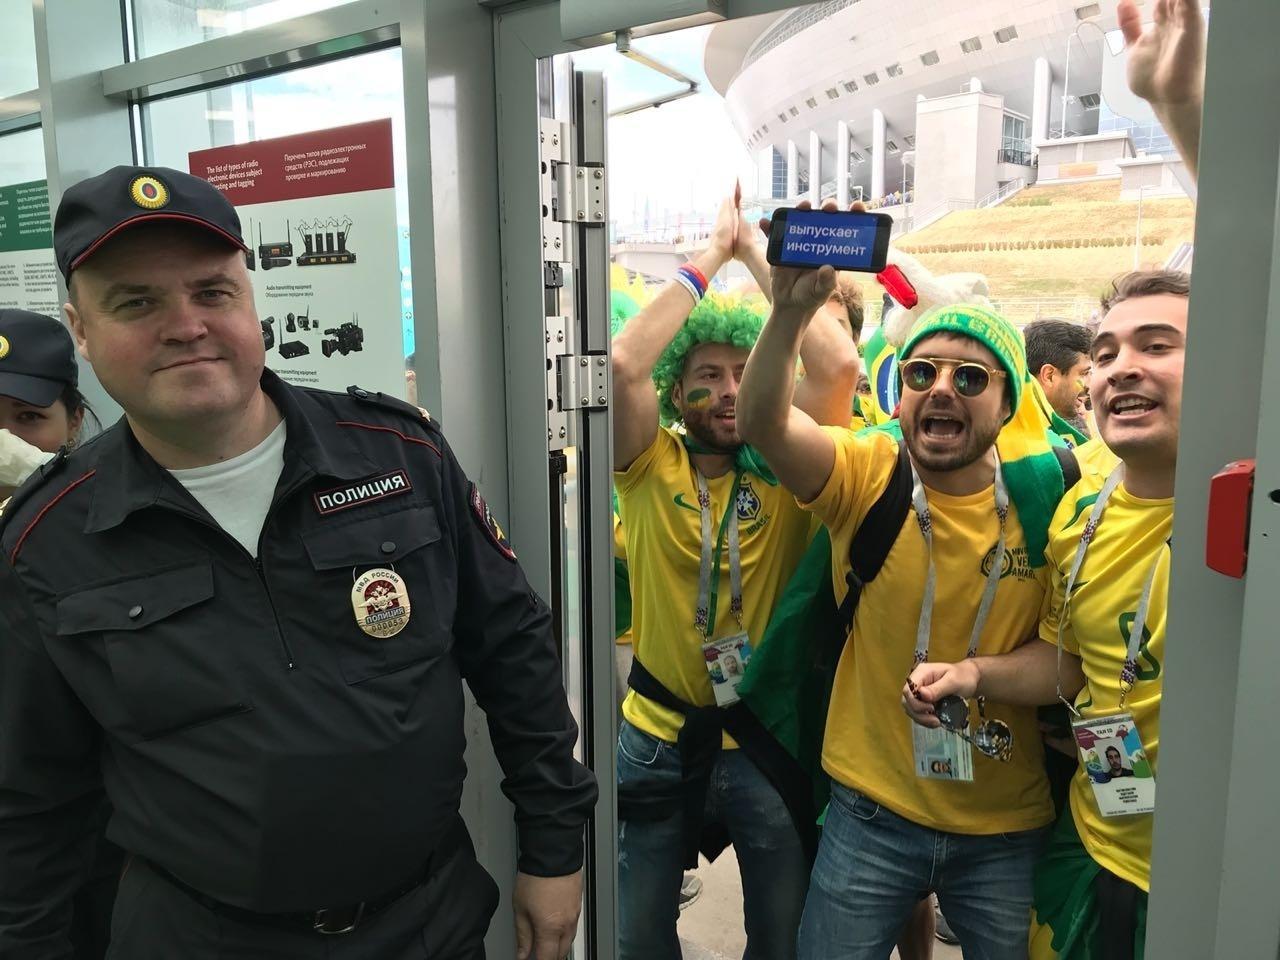 Torcedores brasileiros encontram dificuldade para entrar no estádio em São Petersburgo